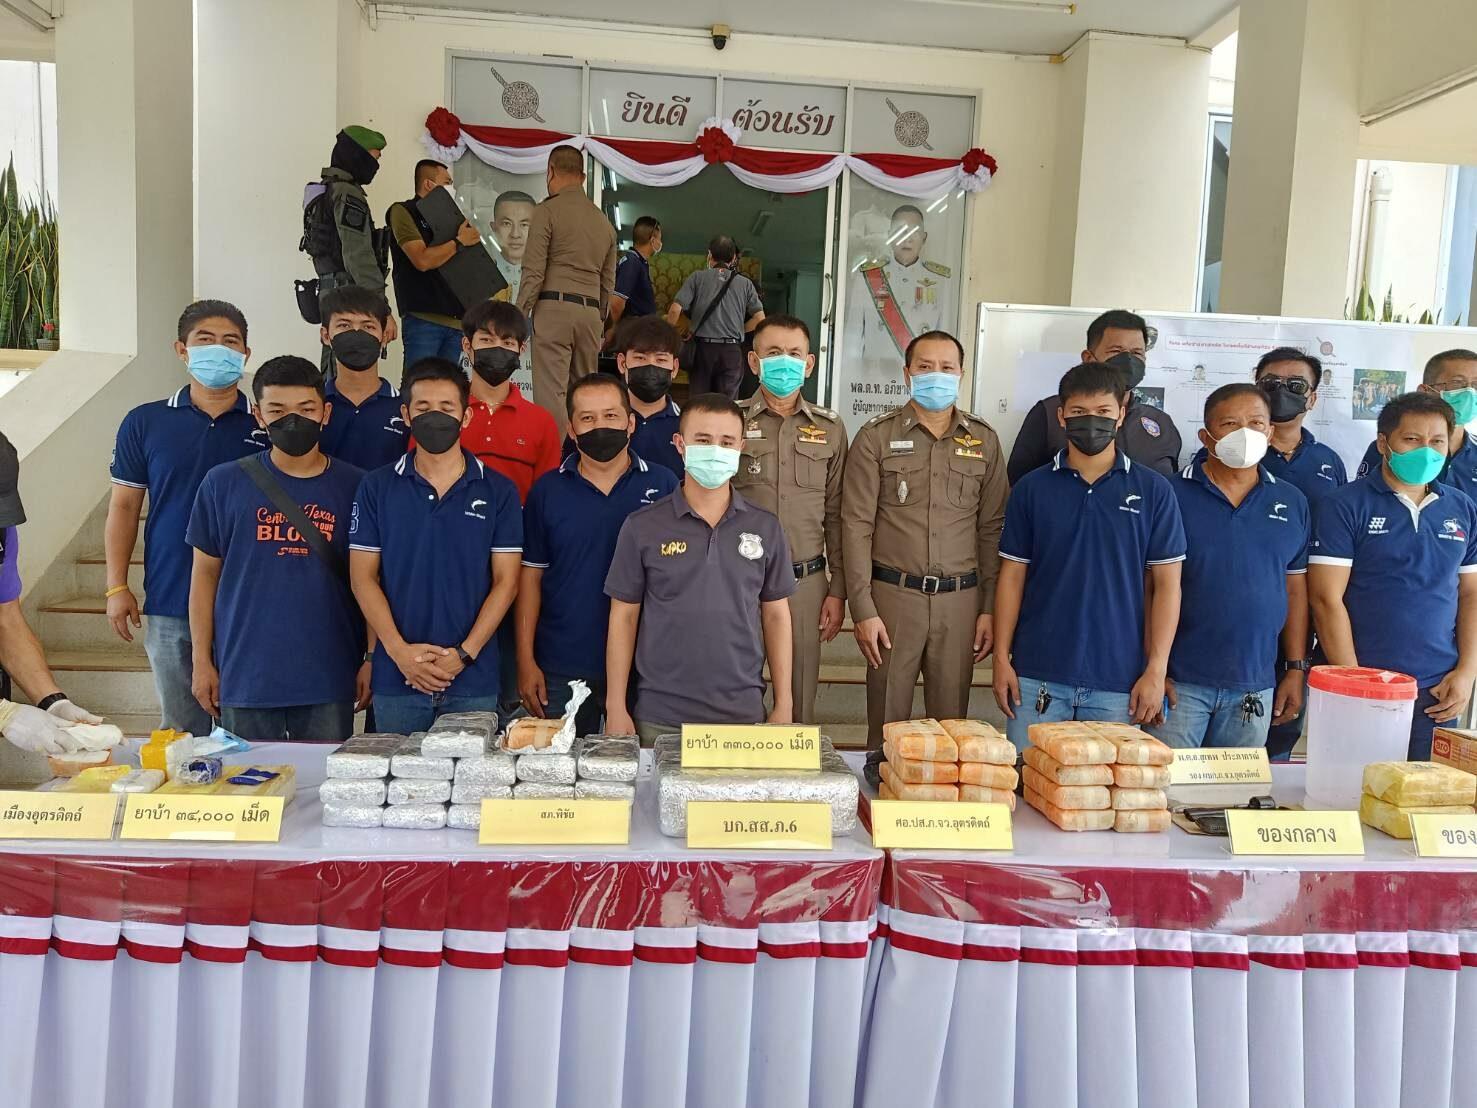 ตำรวจชุดปราบปรามยาเสพติด ภาค 6 ร่วมมือตำรวจอุตรดิตถ์ ทลายเครือข่ายยาเสพติดในเขตพื้นที่